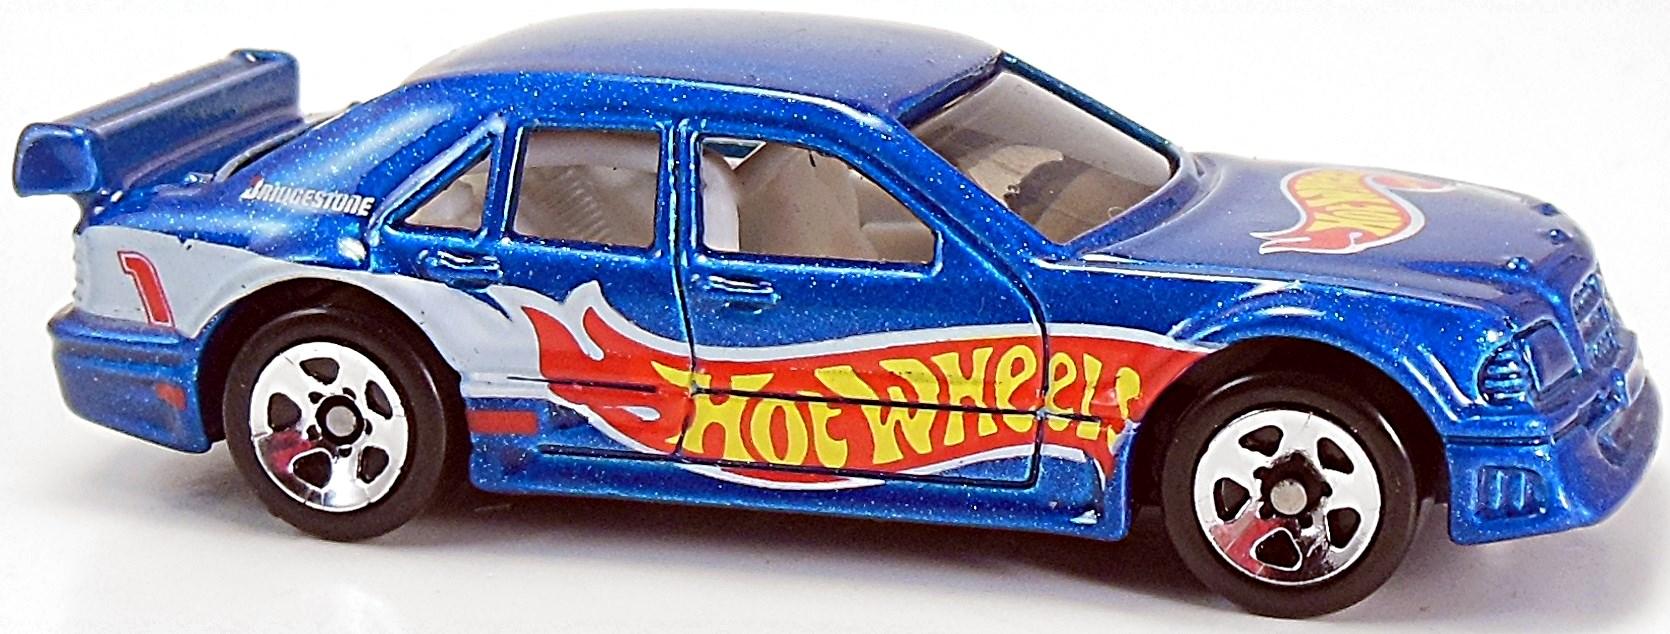 HOT WHEELS 2001 MERCEDES C-CLASS BLUE  #171